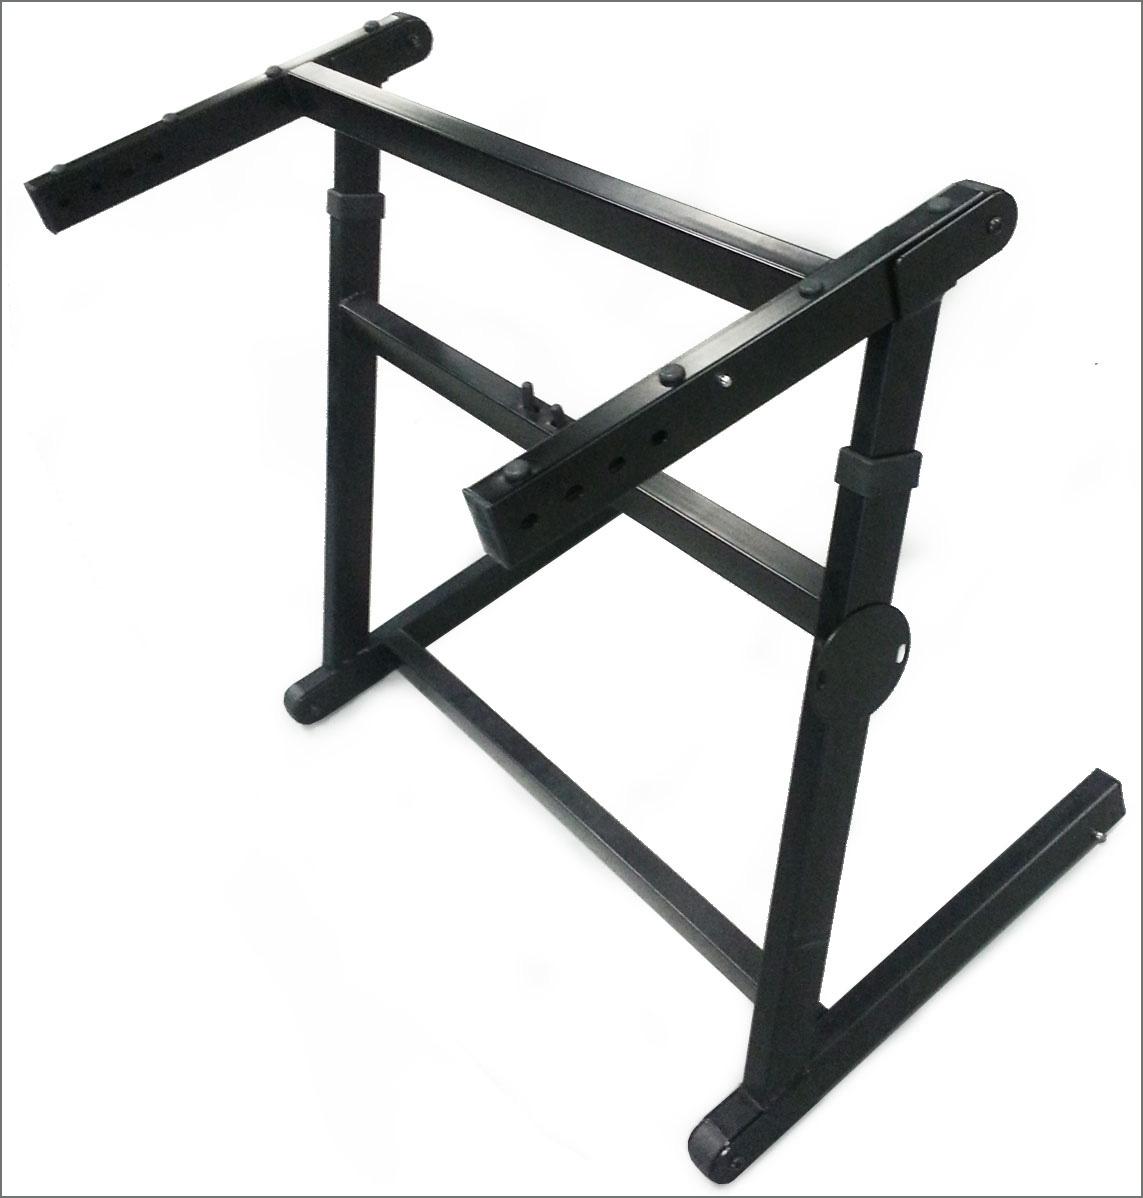 heavy duty quik set up adjustable z design folding keyboard stand black ebay. Black Bedroom Furniture Sets. Home Design Ideas